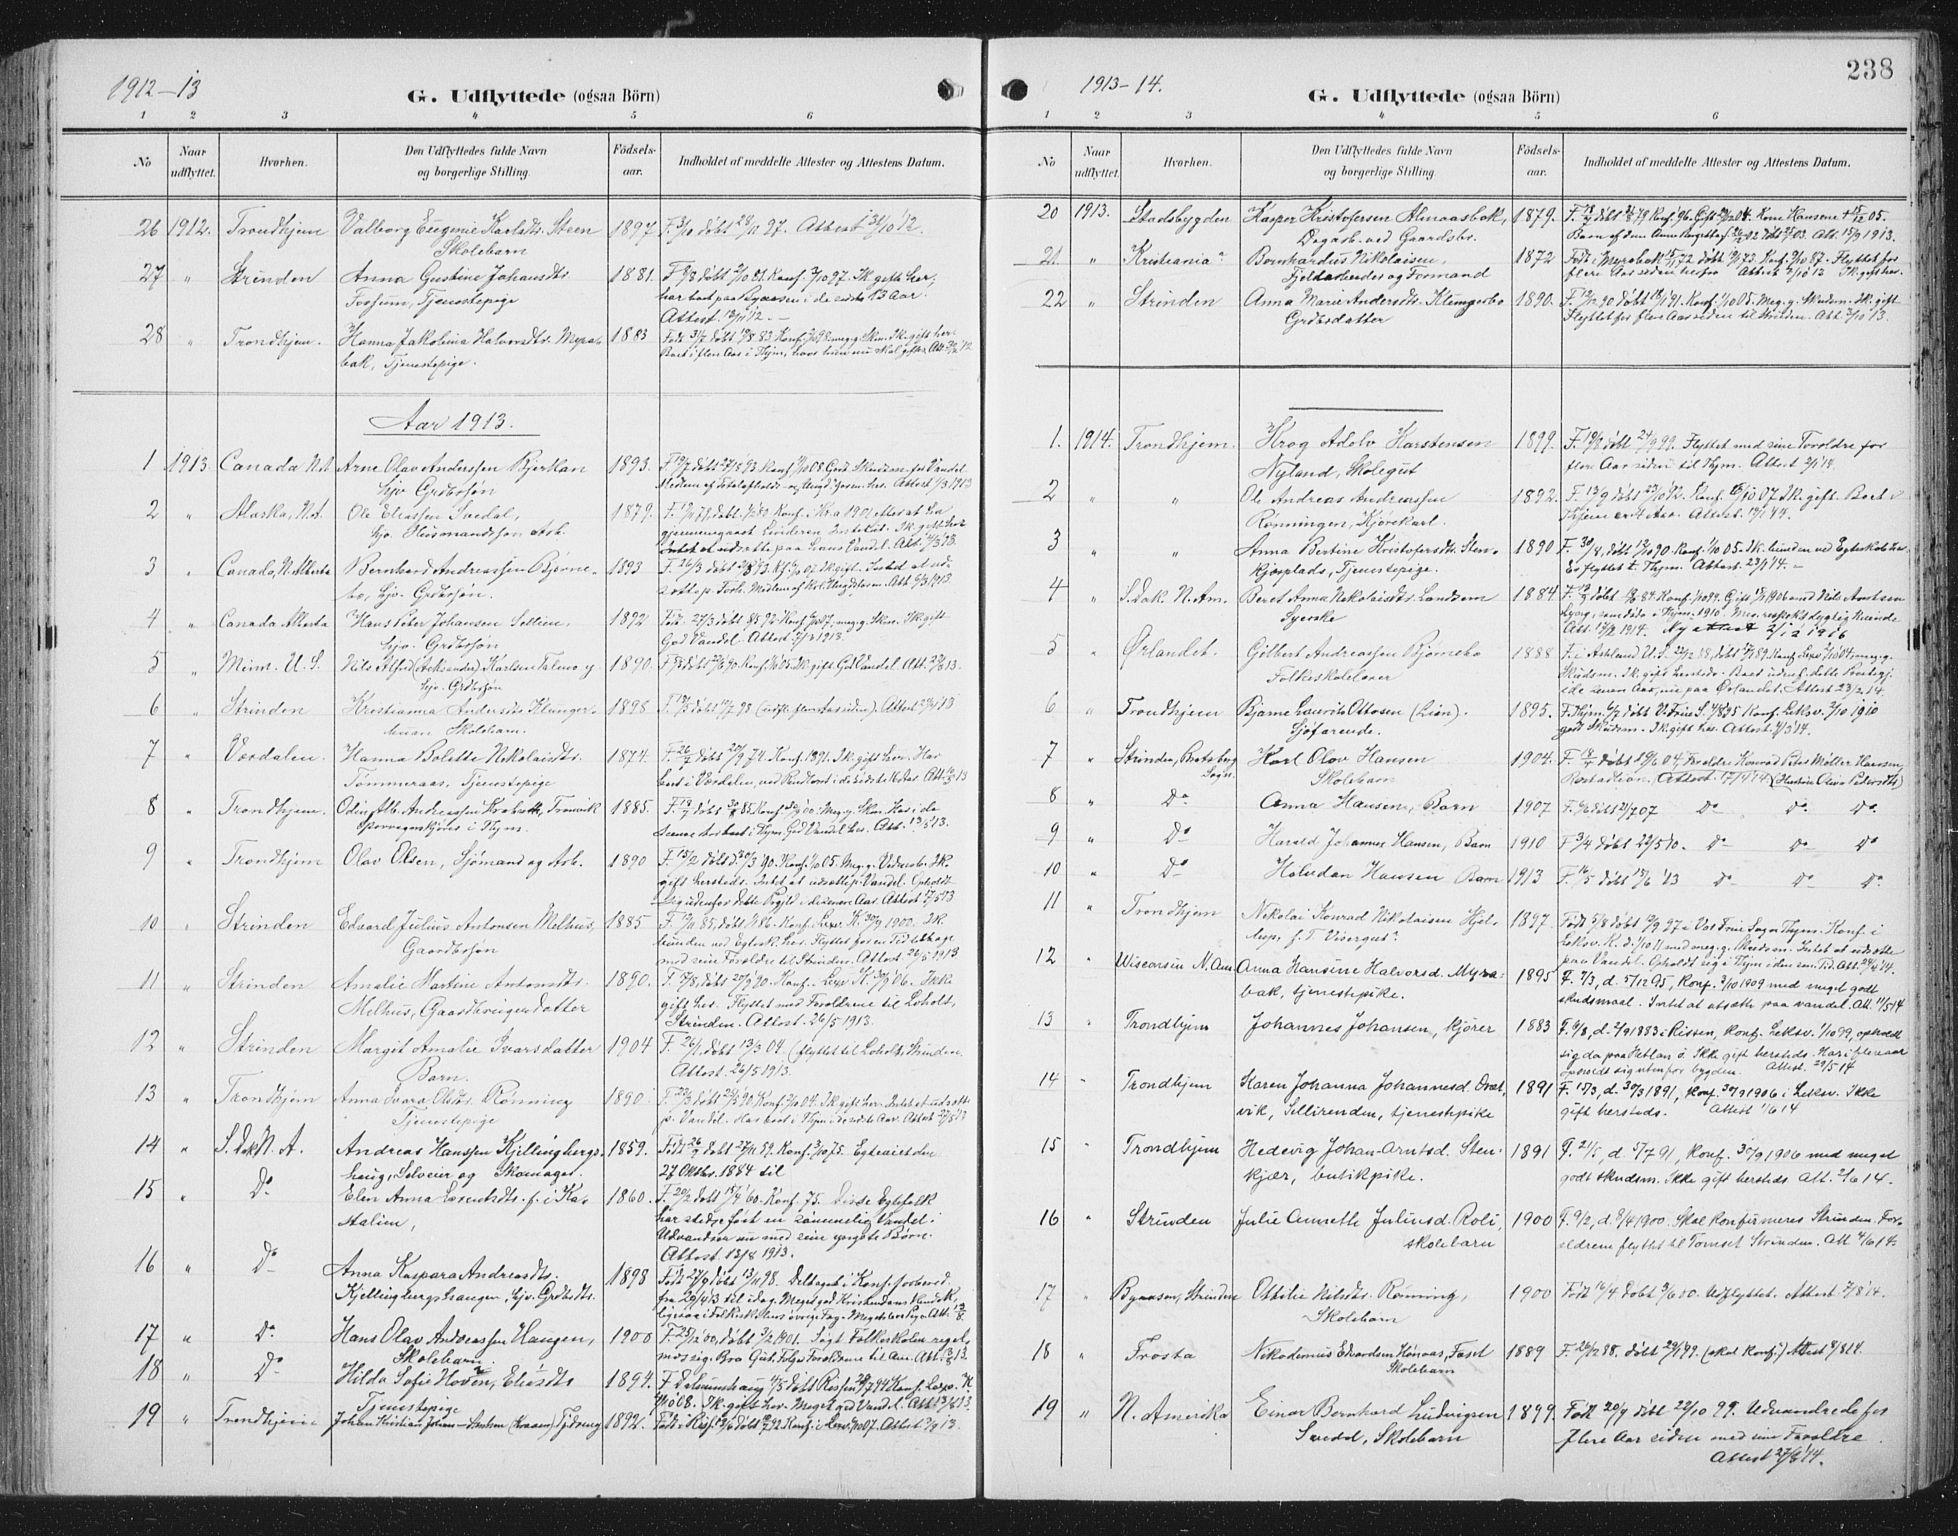 SAT, Ministerialprotokoller, klokkerbøker og fødselsregistre - Nord-Trøndelag, 701/L0011: Ministerialbok nr. 701A11, 1899-1915, s. 238